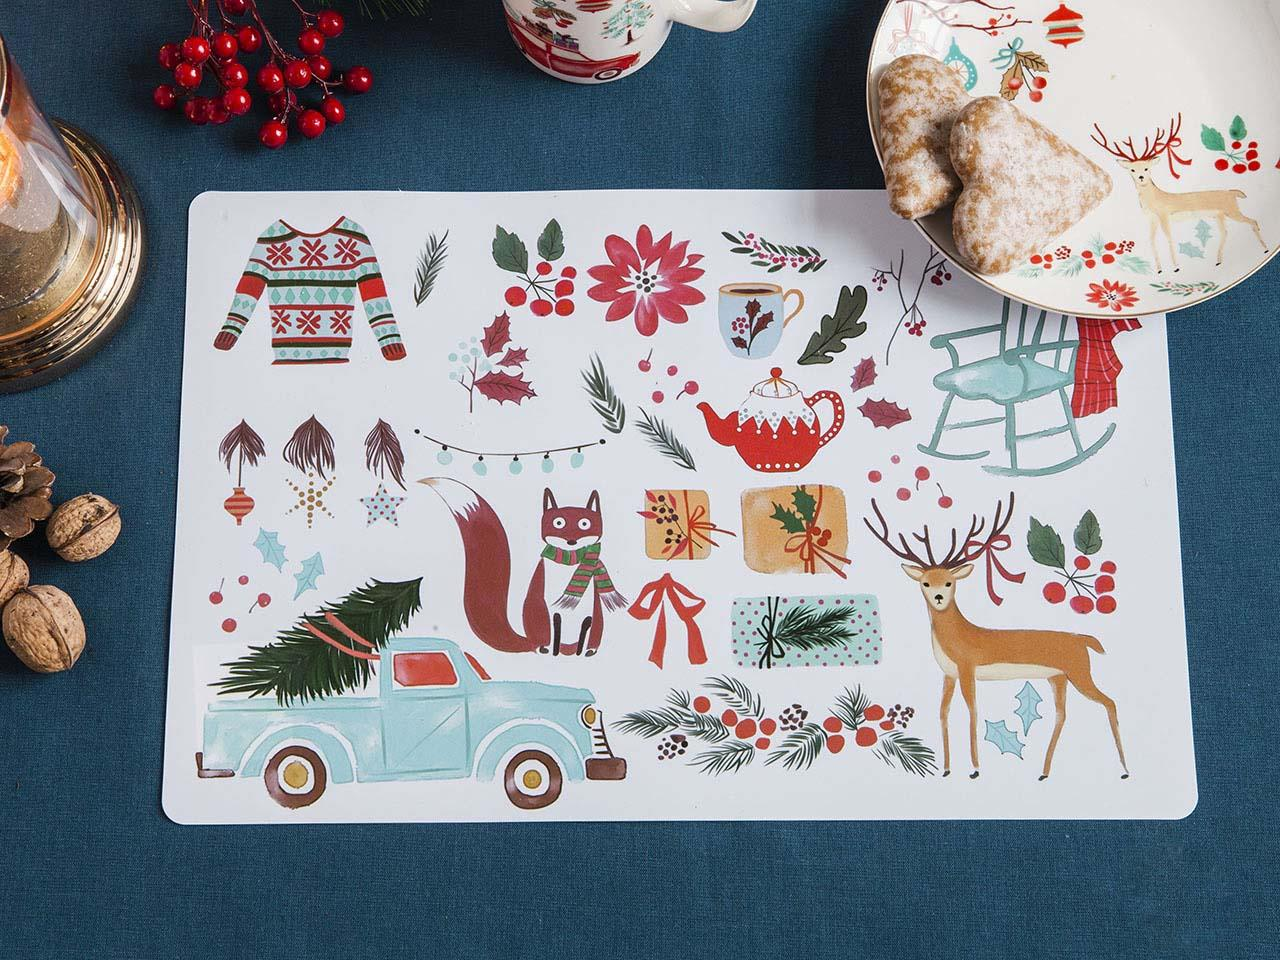 Podkładka / Mata na stół świąteczna Altom Design Magia Północy 28x43 cm (2 wzory)